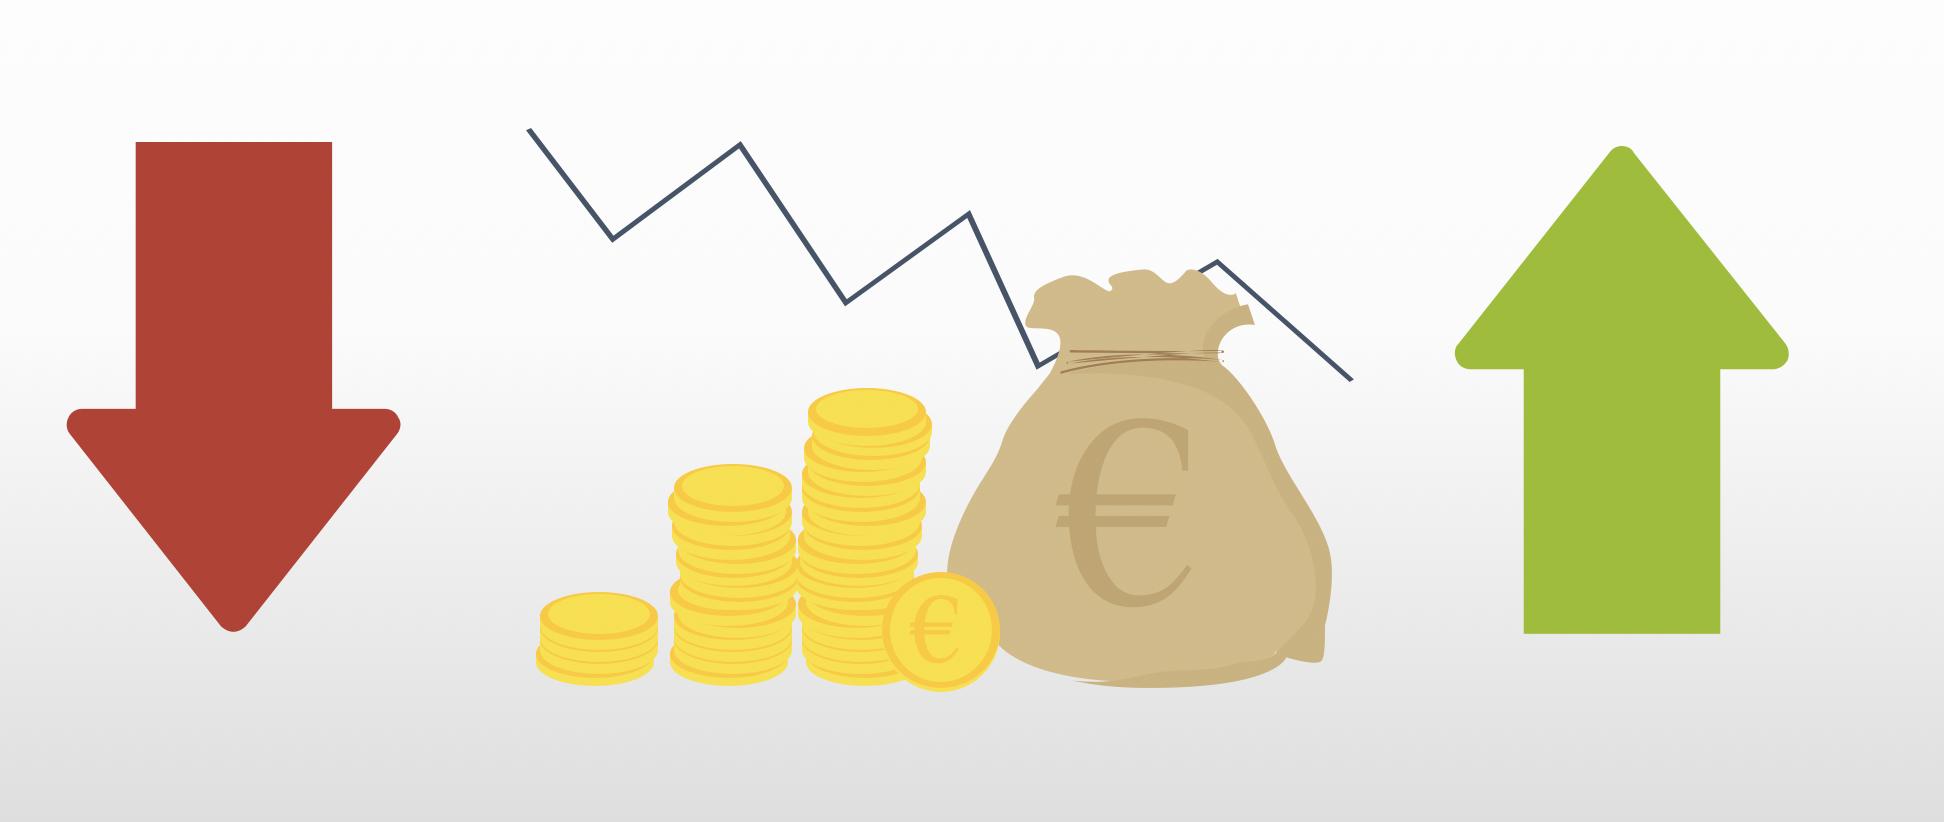 Sell in May go away Börsenweisheit - Was ist dran? Wir haben die Zahlen!